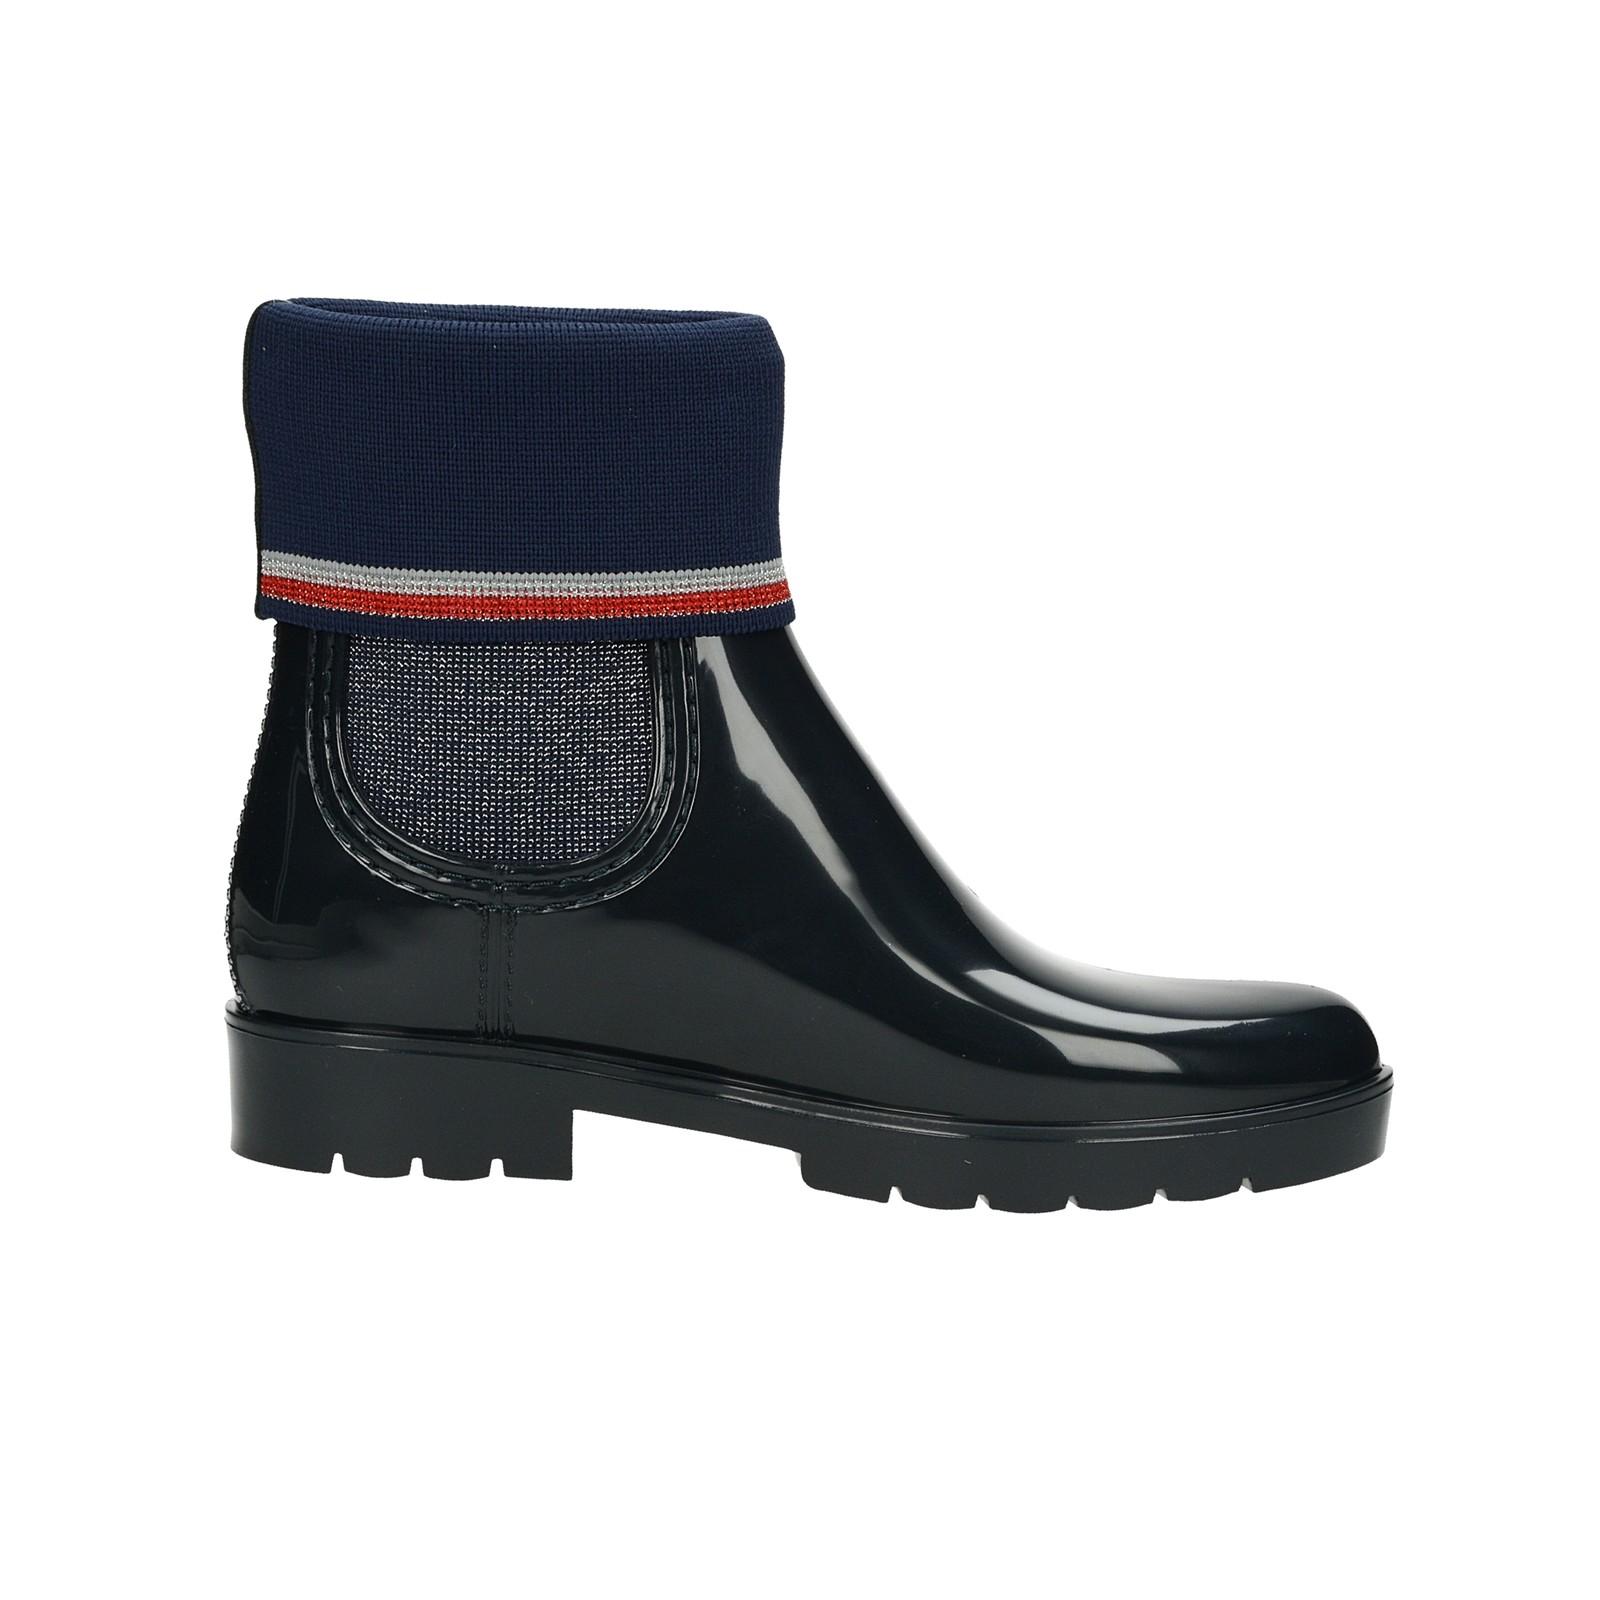 Tommy Hilfiger dámské gumové kotníkové boty - modré ... 234caf07982